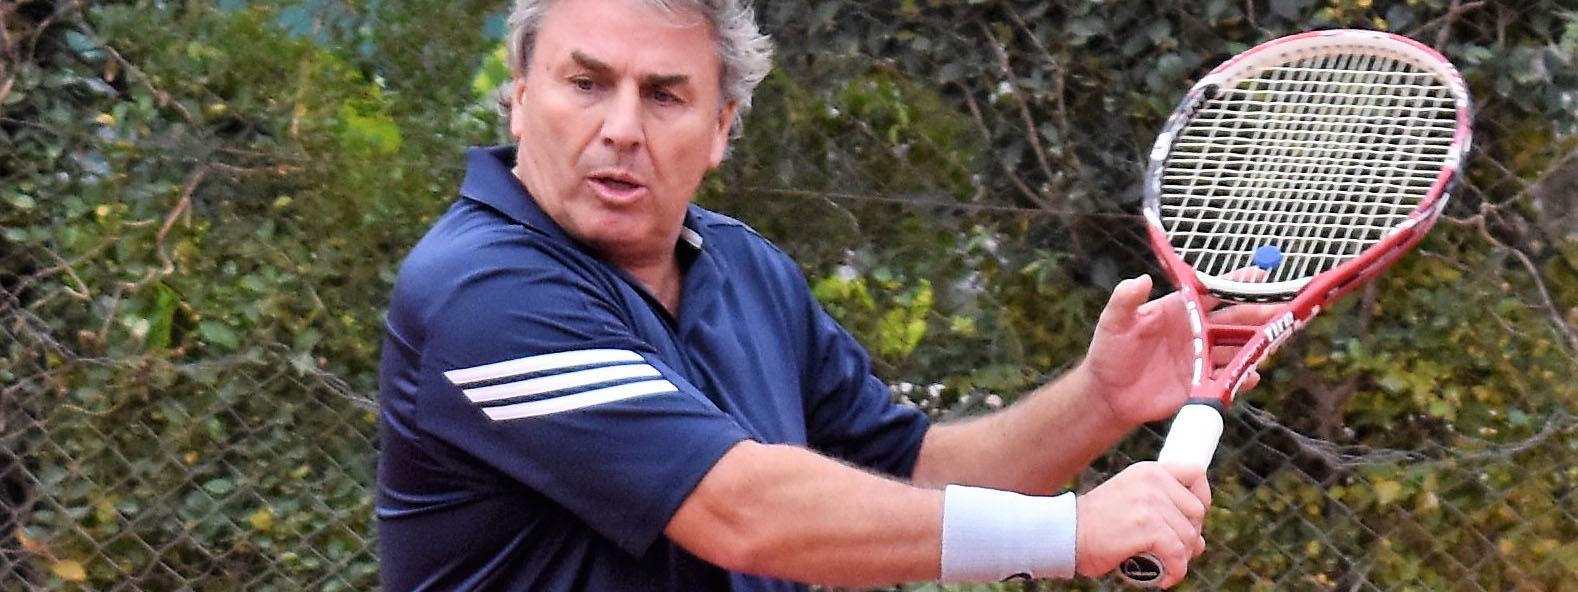 TENIS: El Córdoba Lawn Tenis convoca sus mejores raquetas en el Master de la Copa Lawn Tenis